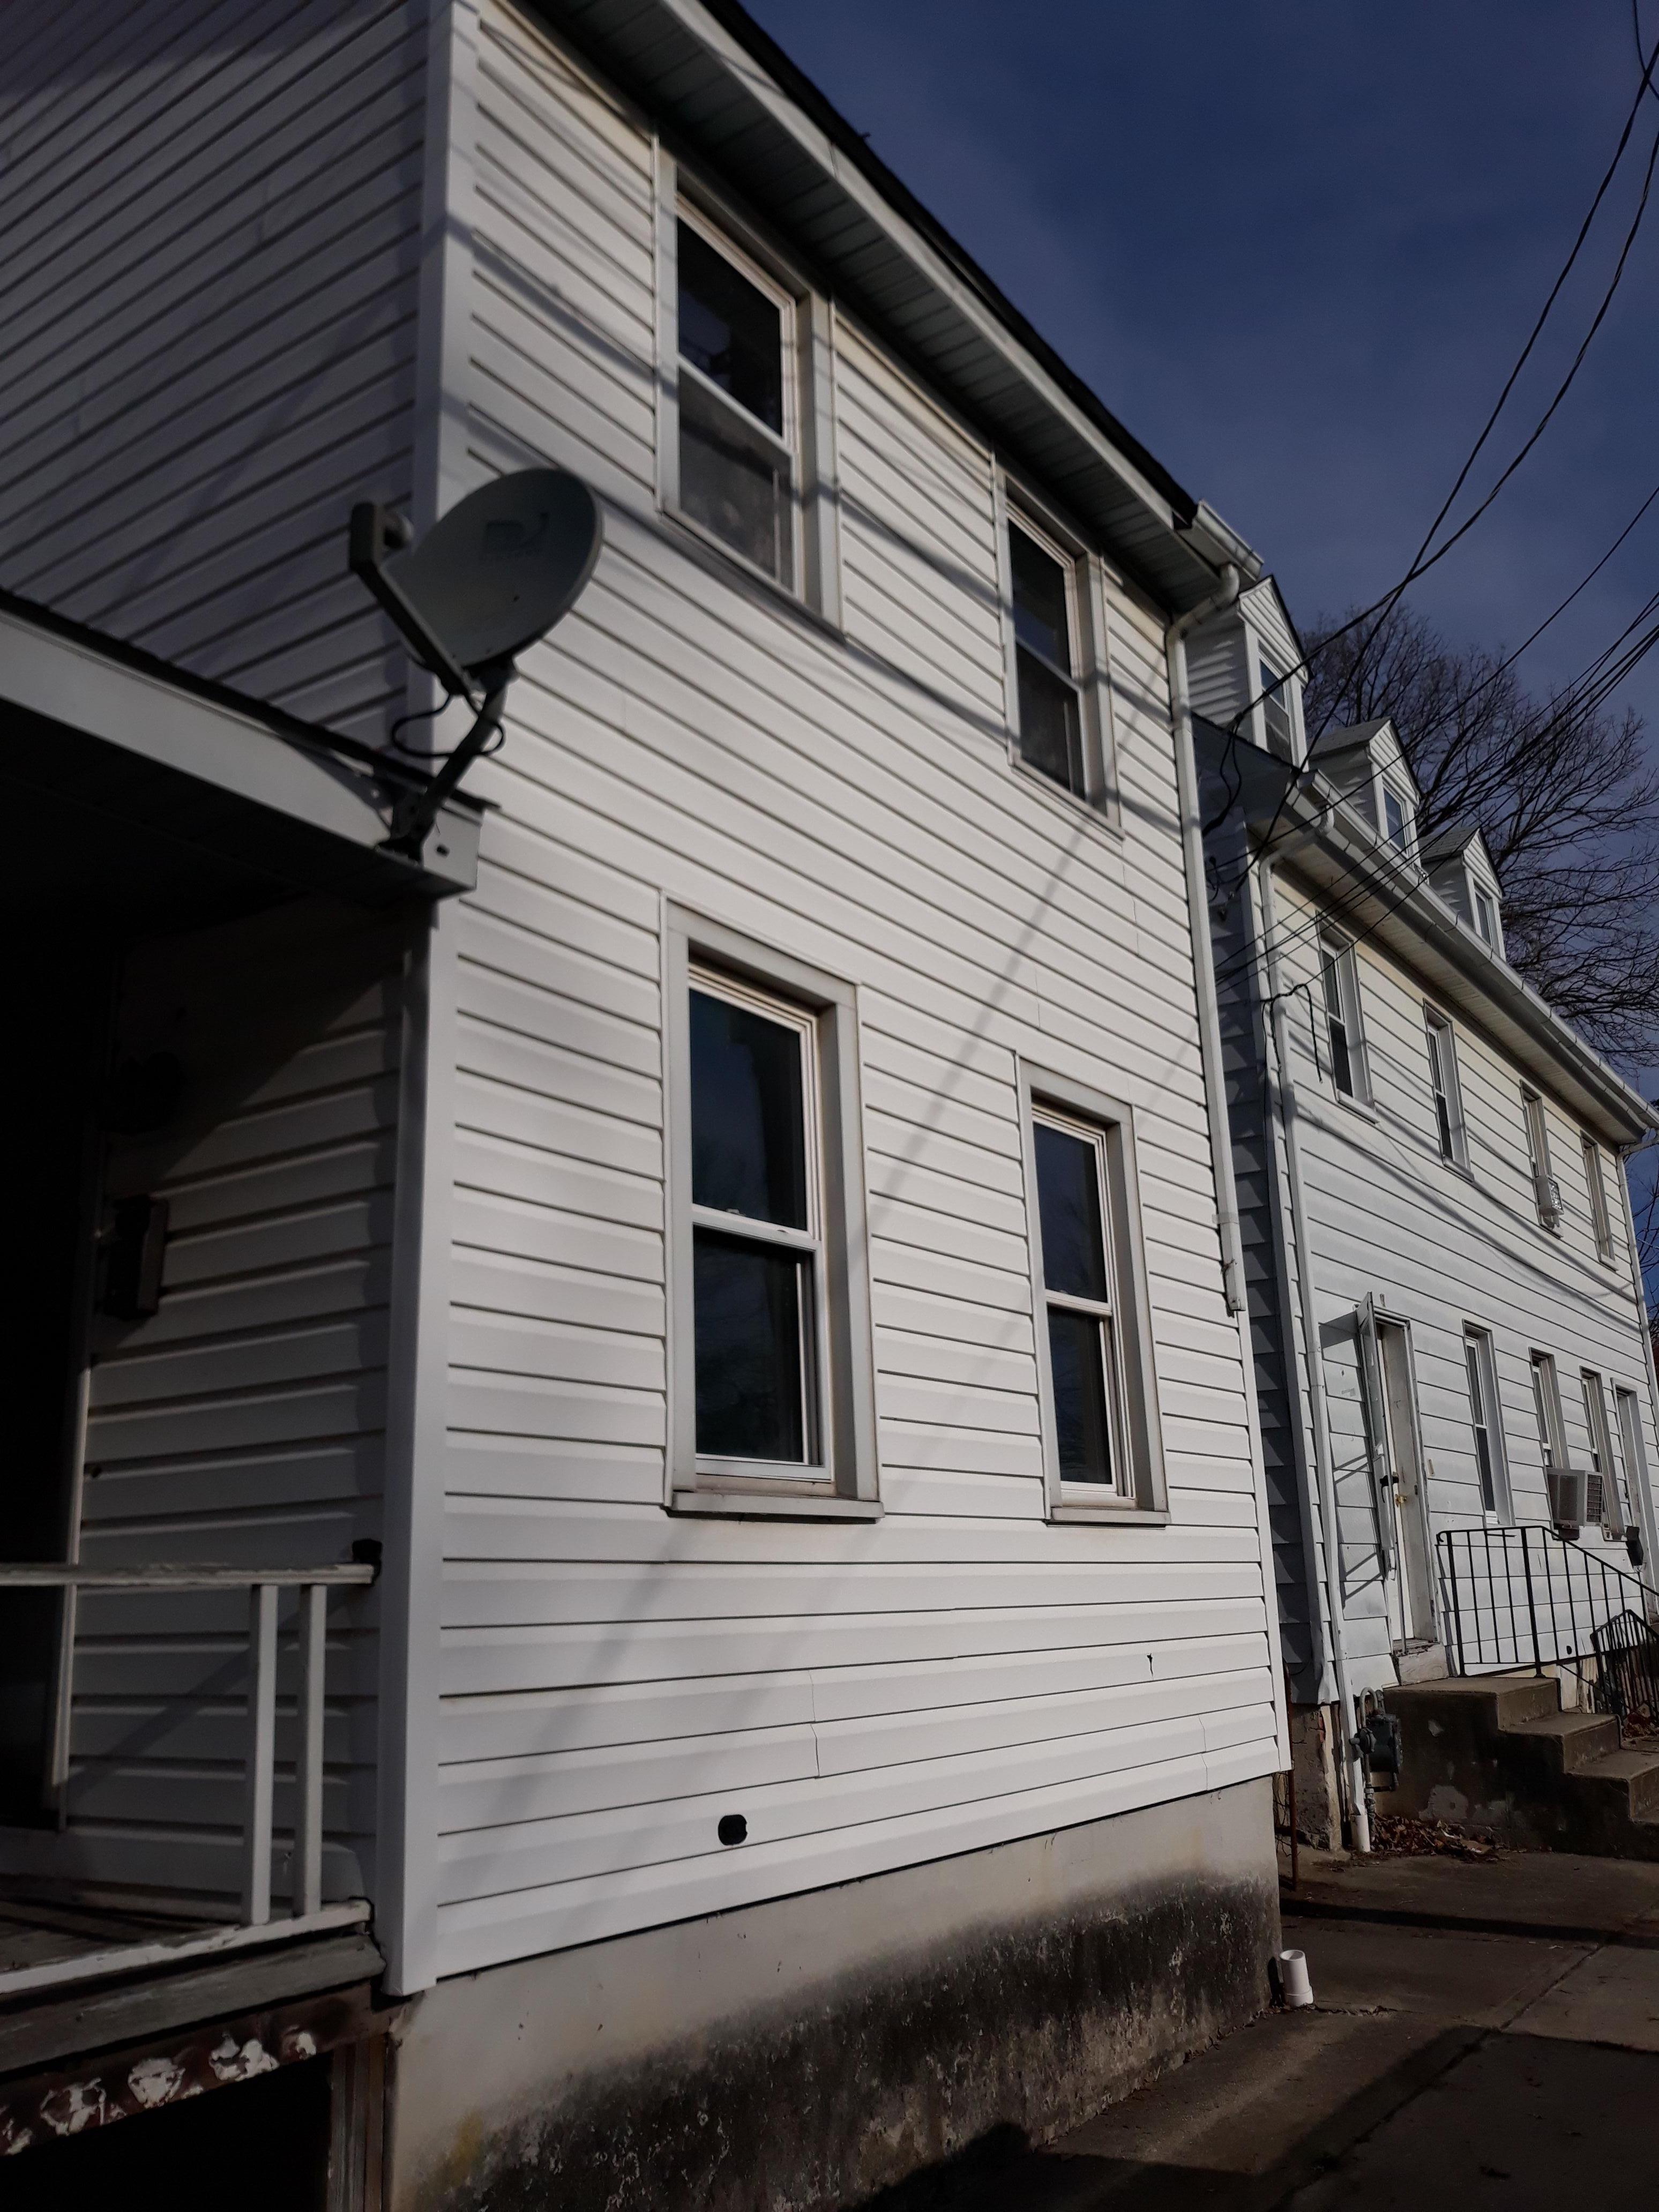 5 Olive St, 236 Wesley St and 238 Wesley St, Salem, NJ